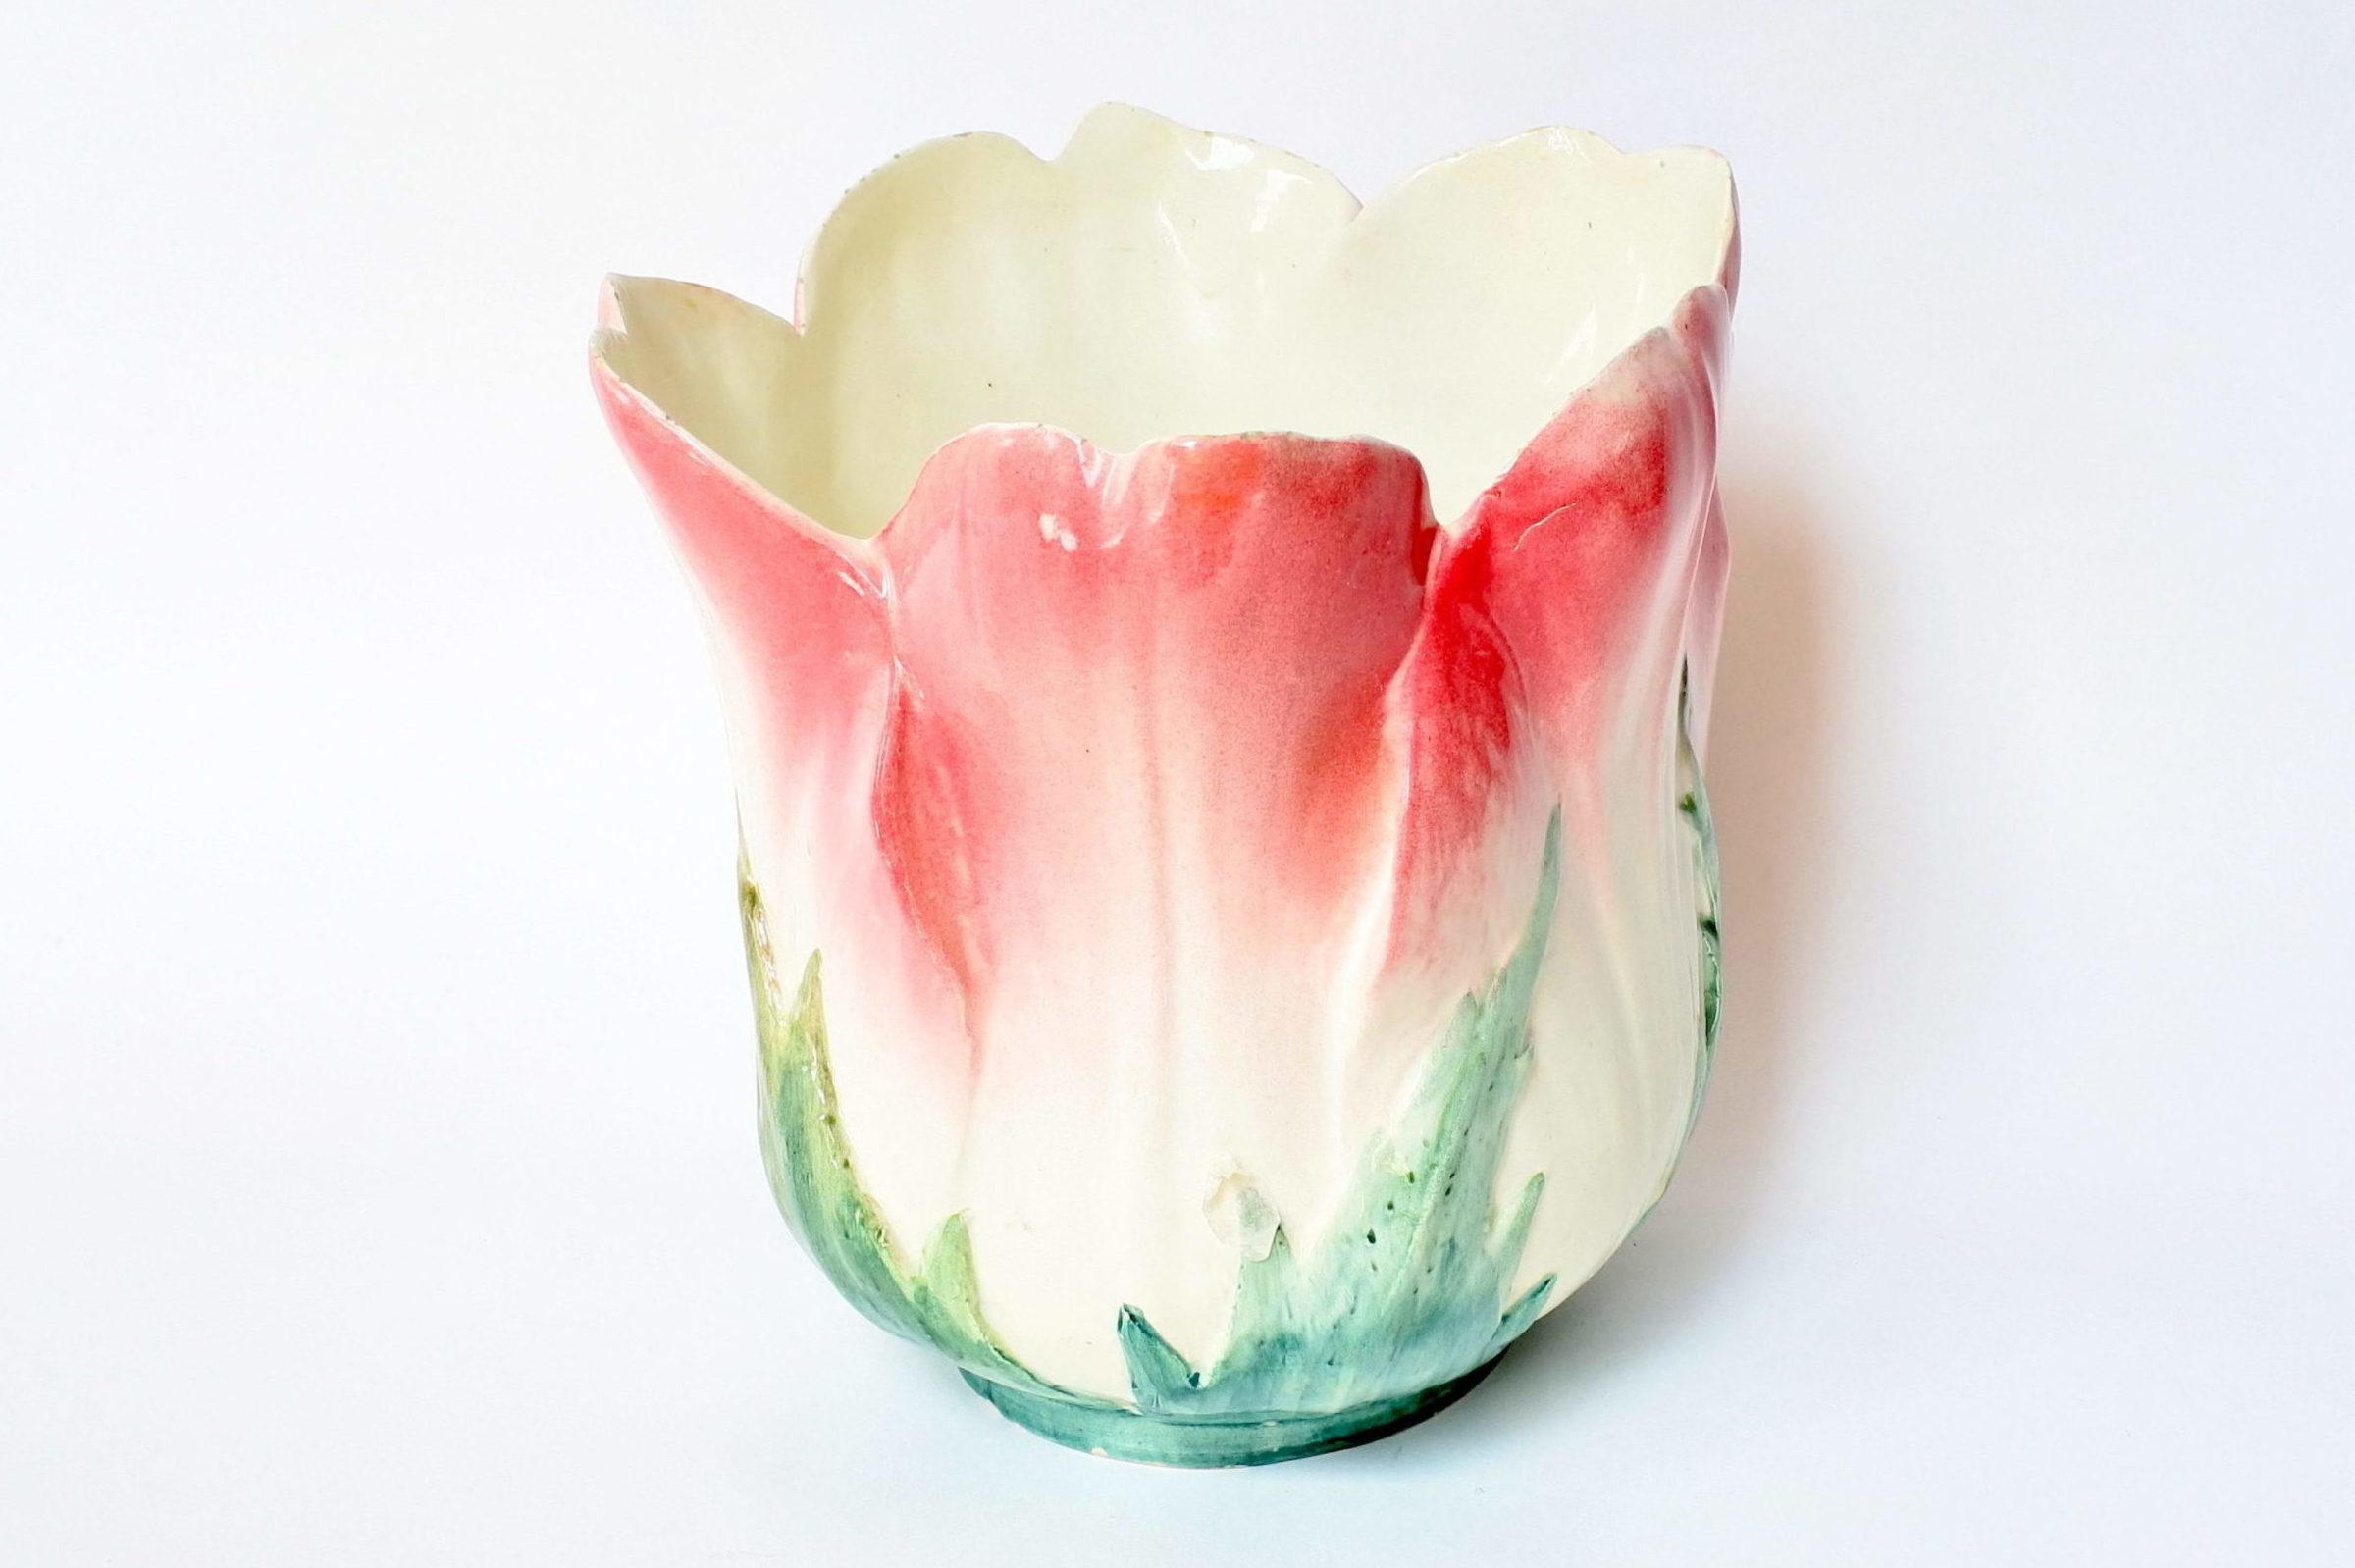 Cache pot Massier in ceramica barbotine a forma di fiore - Delphin Massier - 4